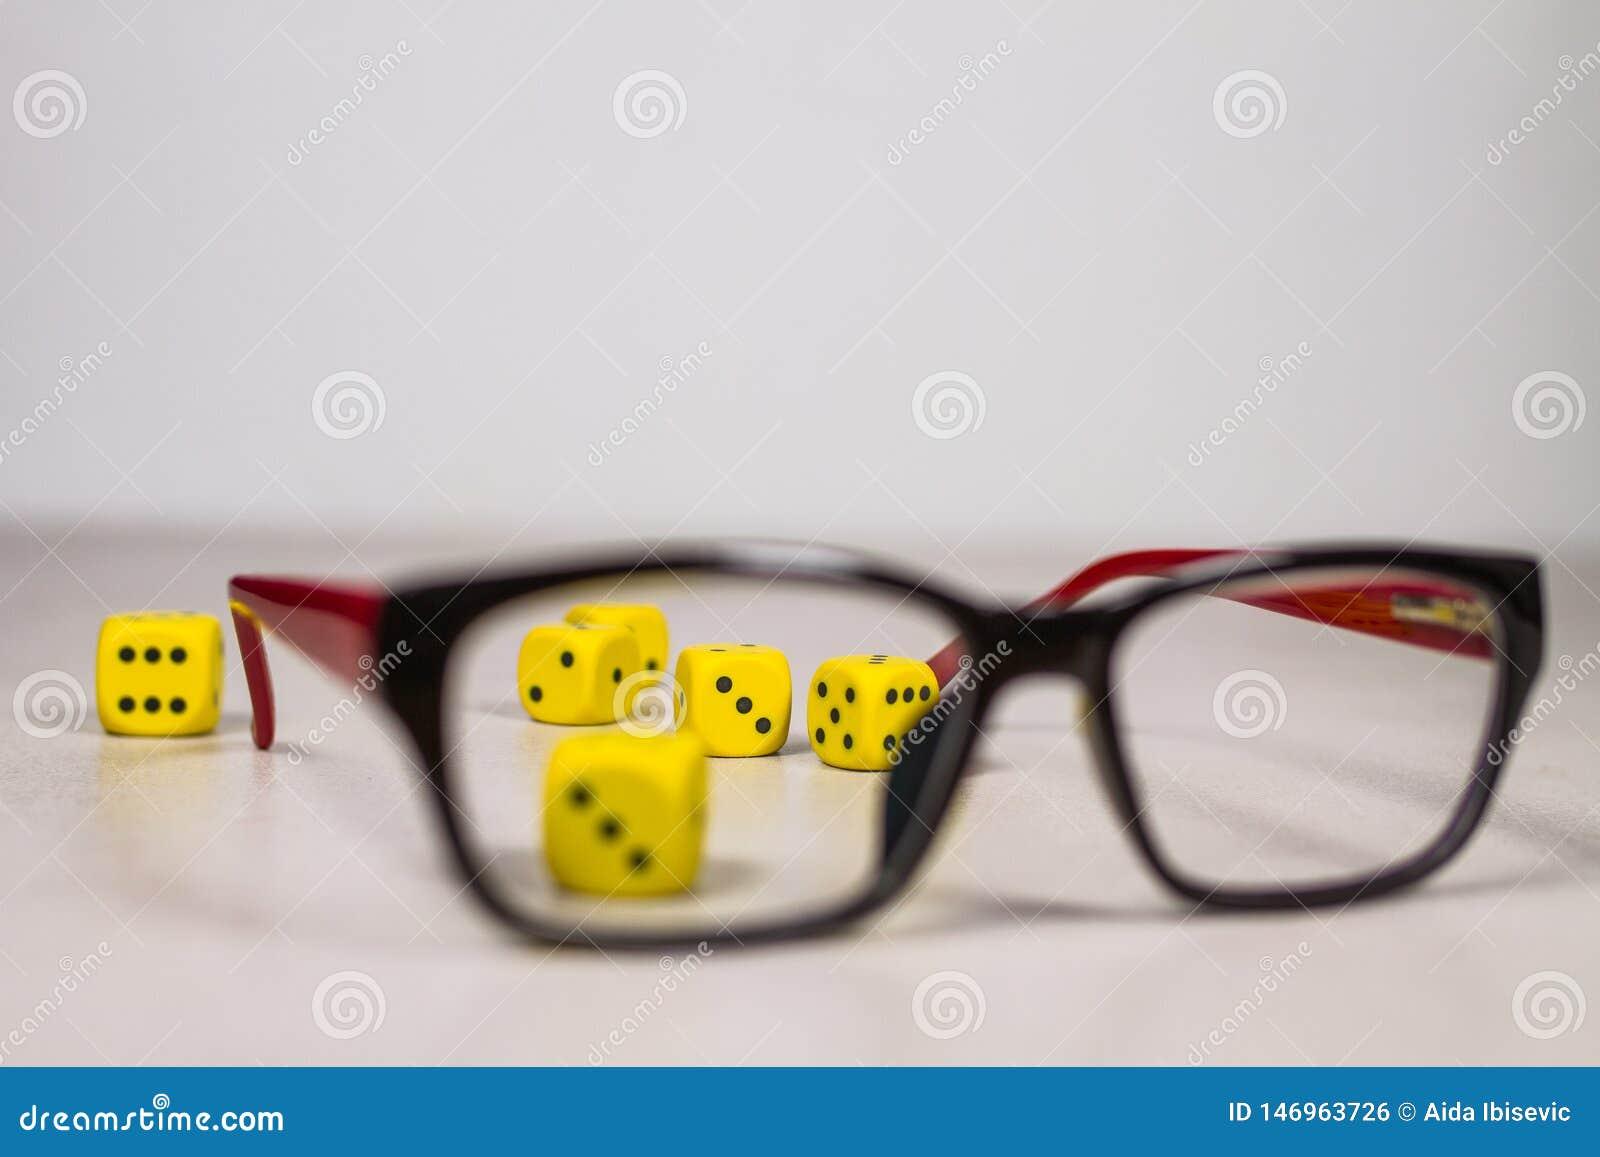 Seis dados amarelos em Gray White Background Behind Glasses limpo